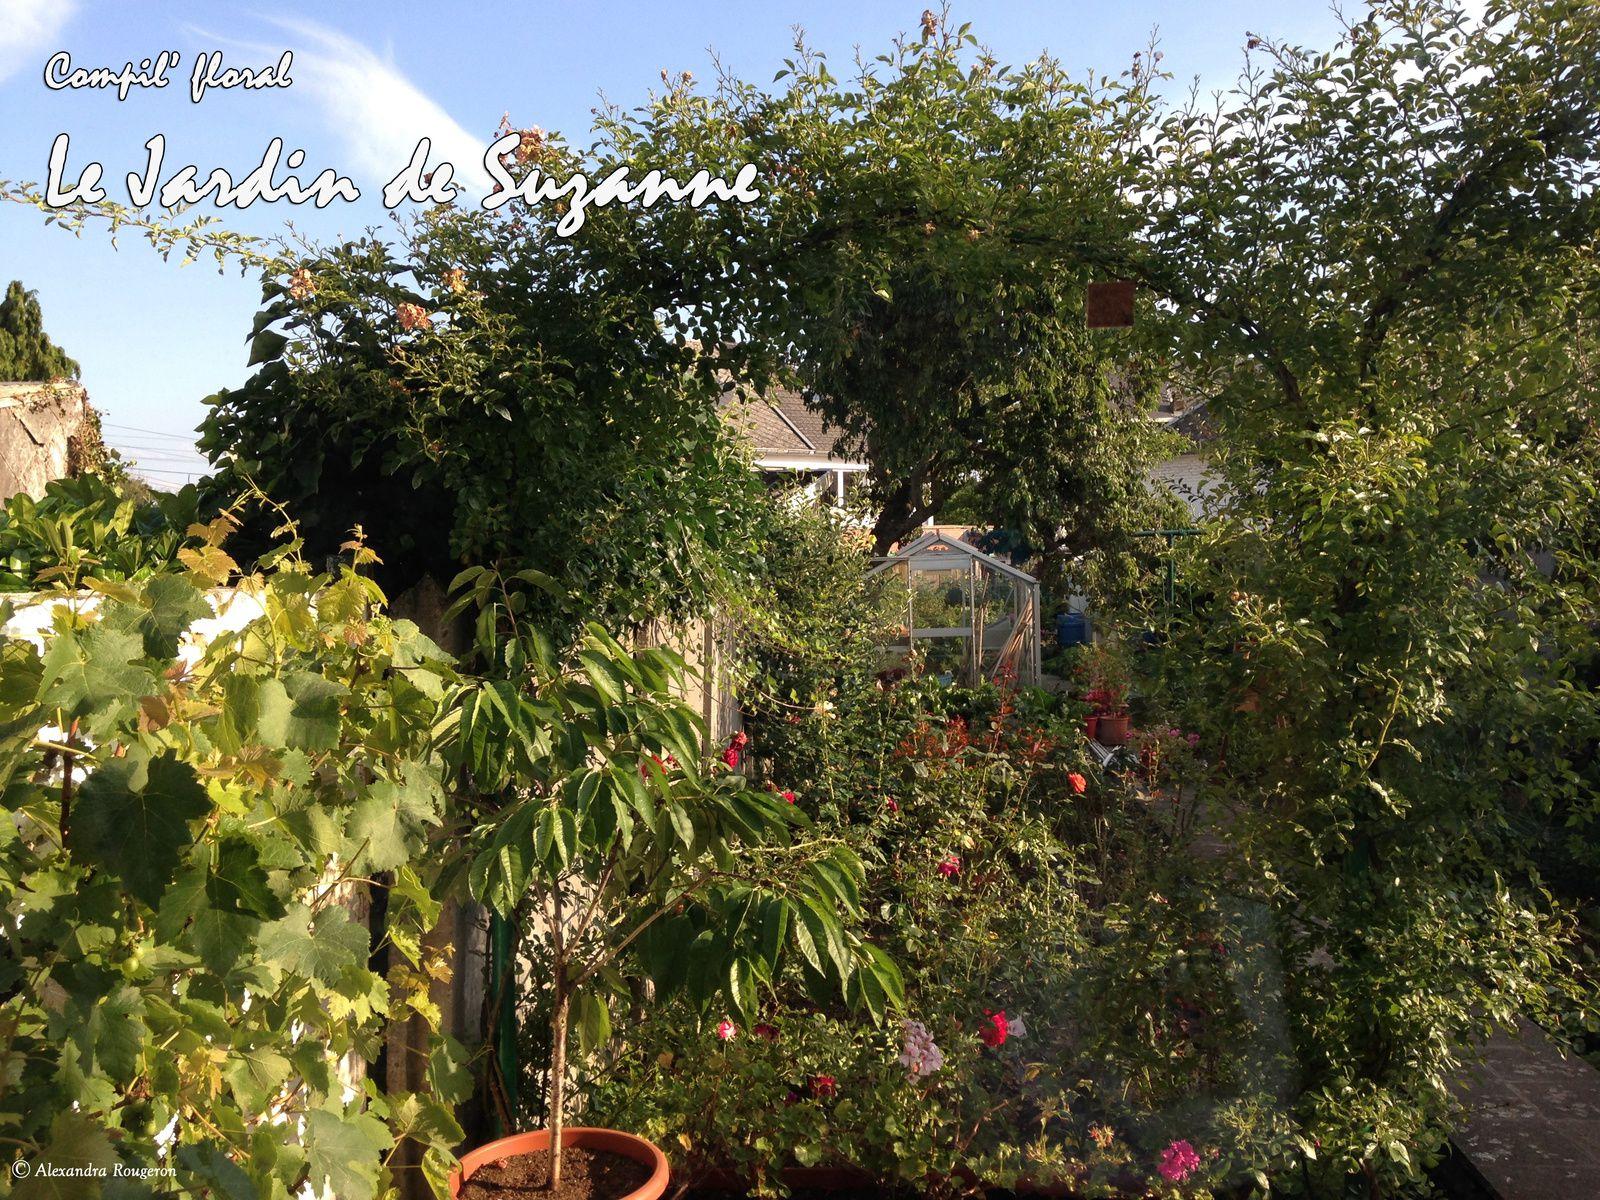 Un espace idéal pour s'arrêter un instant et continuer de profiter de l'atmosphère de ce jardin relaxant